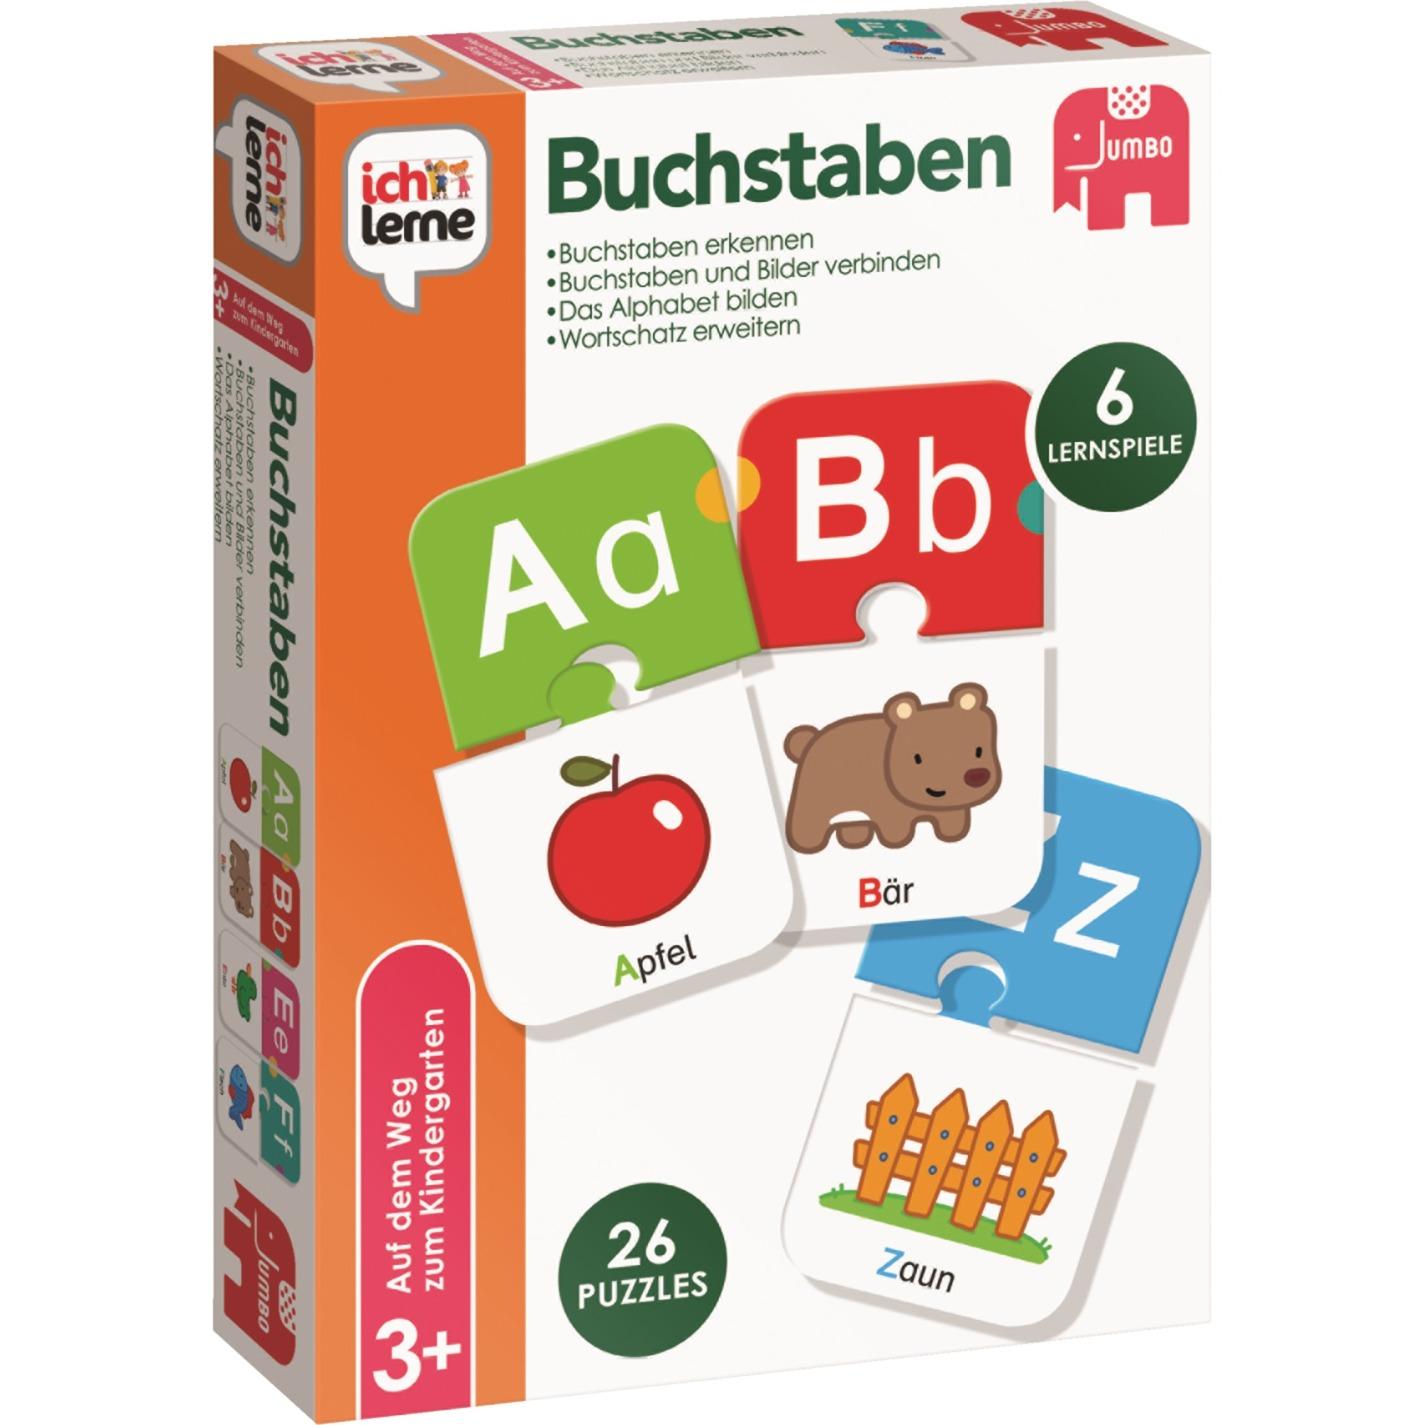 Buchstaben Juguetes para el aprendizaje, Juego educativo